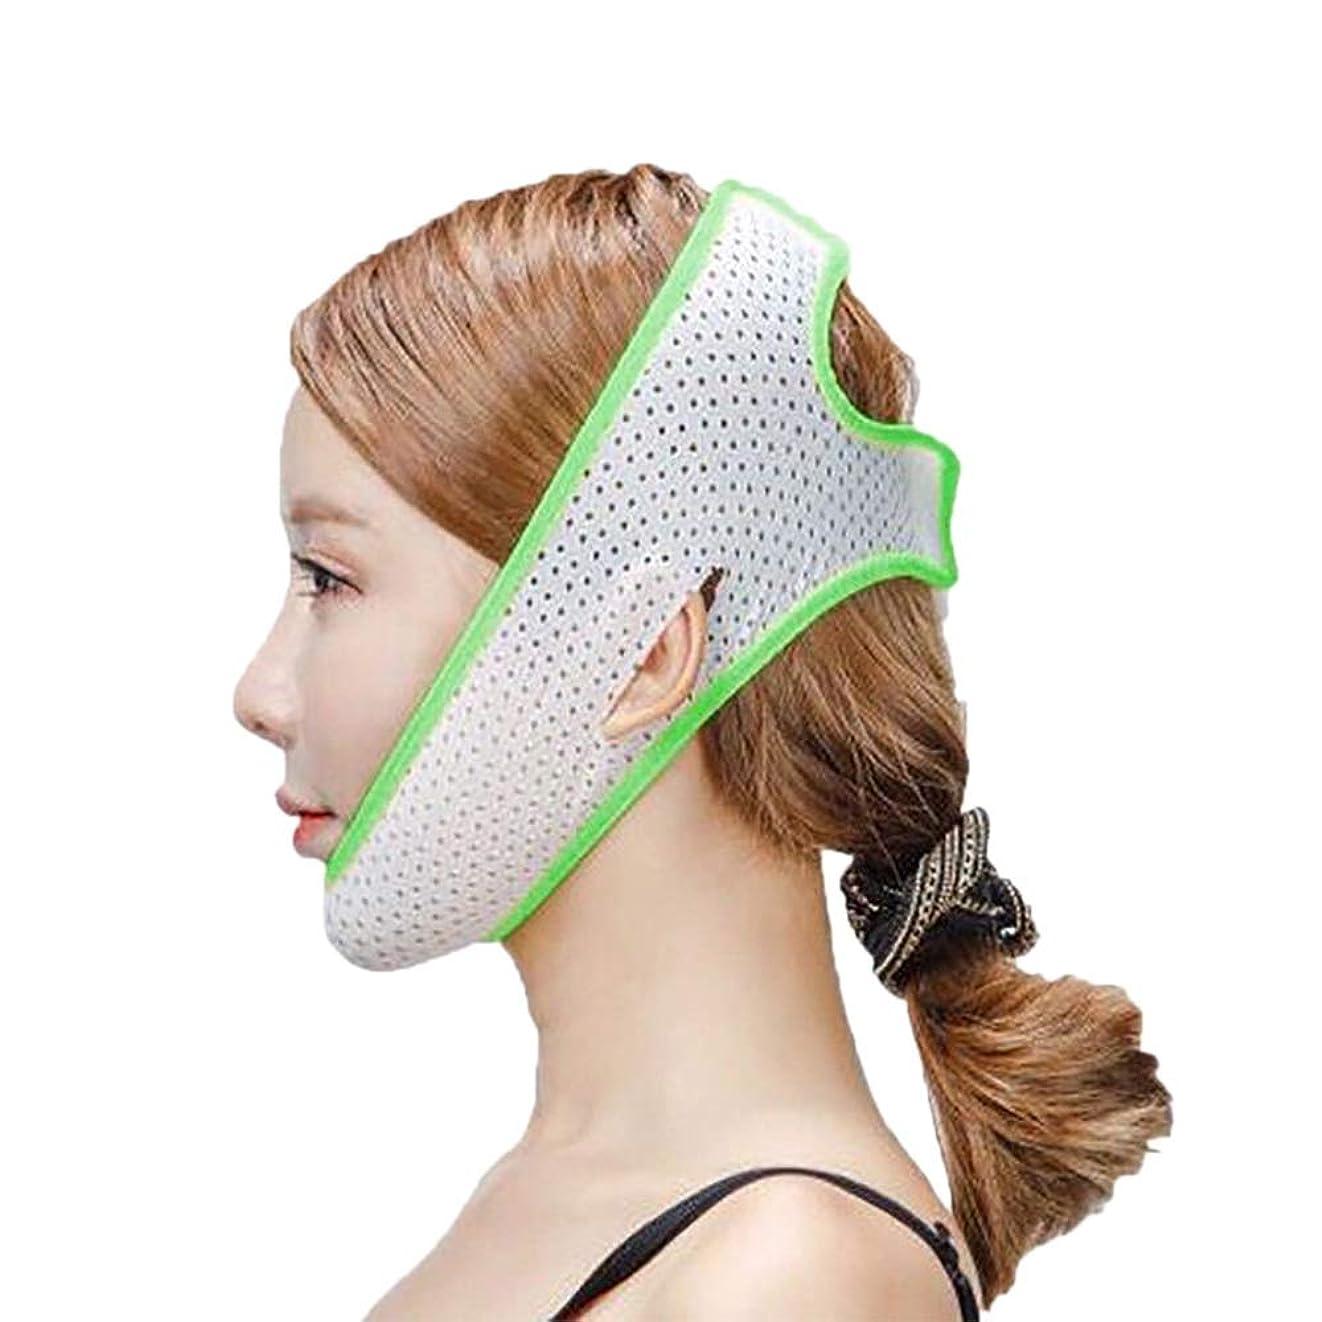 伝染性当社提出するXHLMRMJ フェイスリフトマスク、ダブルチンストラップ、フェイシャル減量マスク、フェイシャルダブルチンケアスリミングマスク、リンクルマスク(フリーサイズ) (Color : Green)